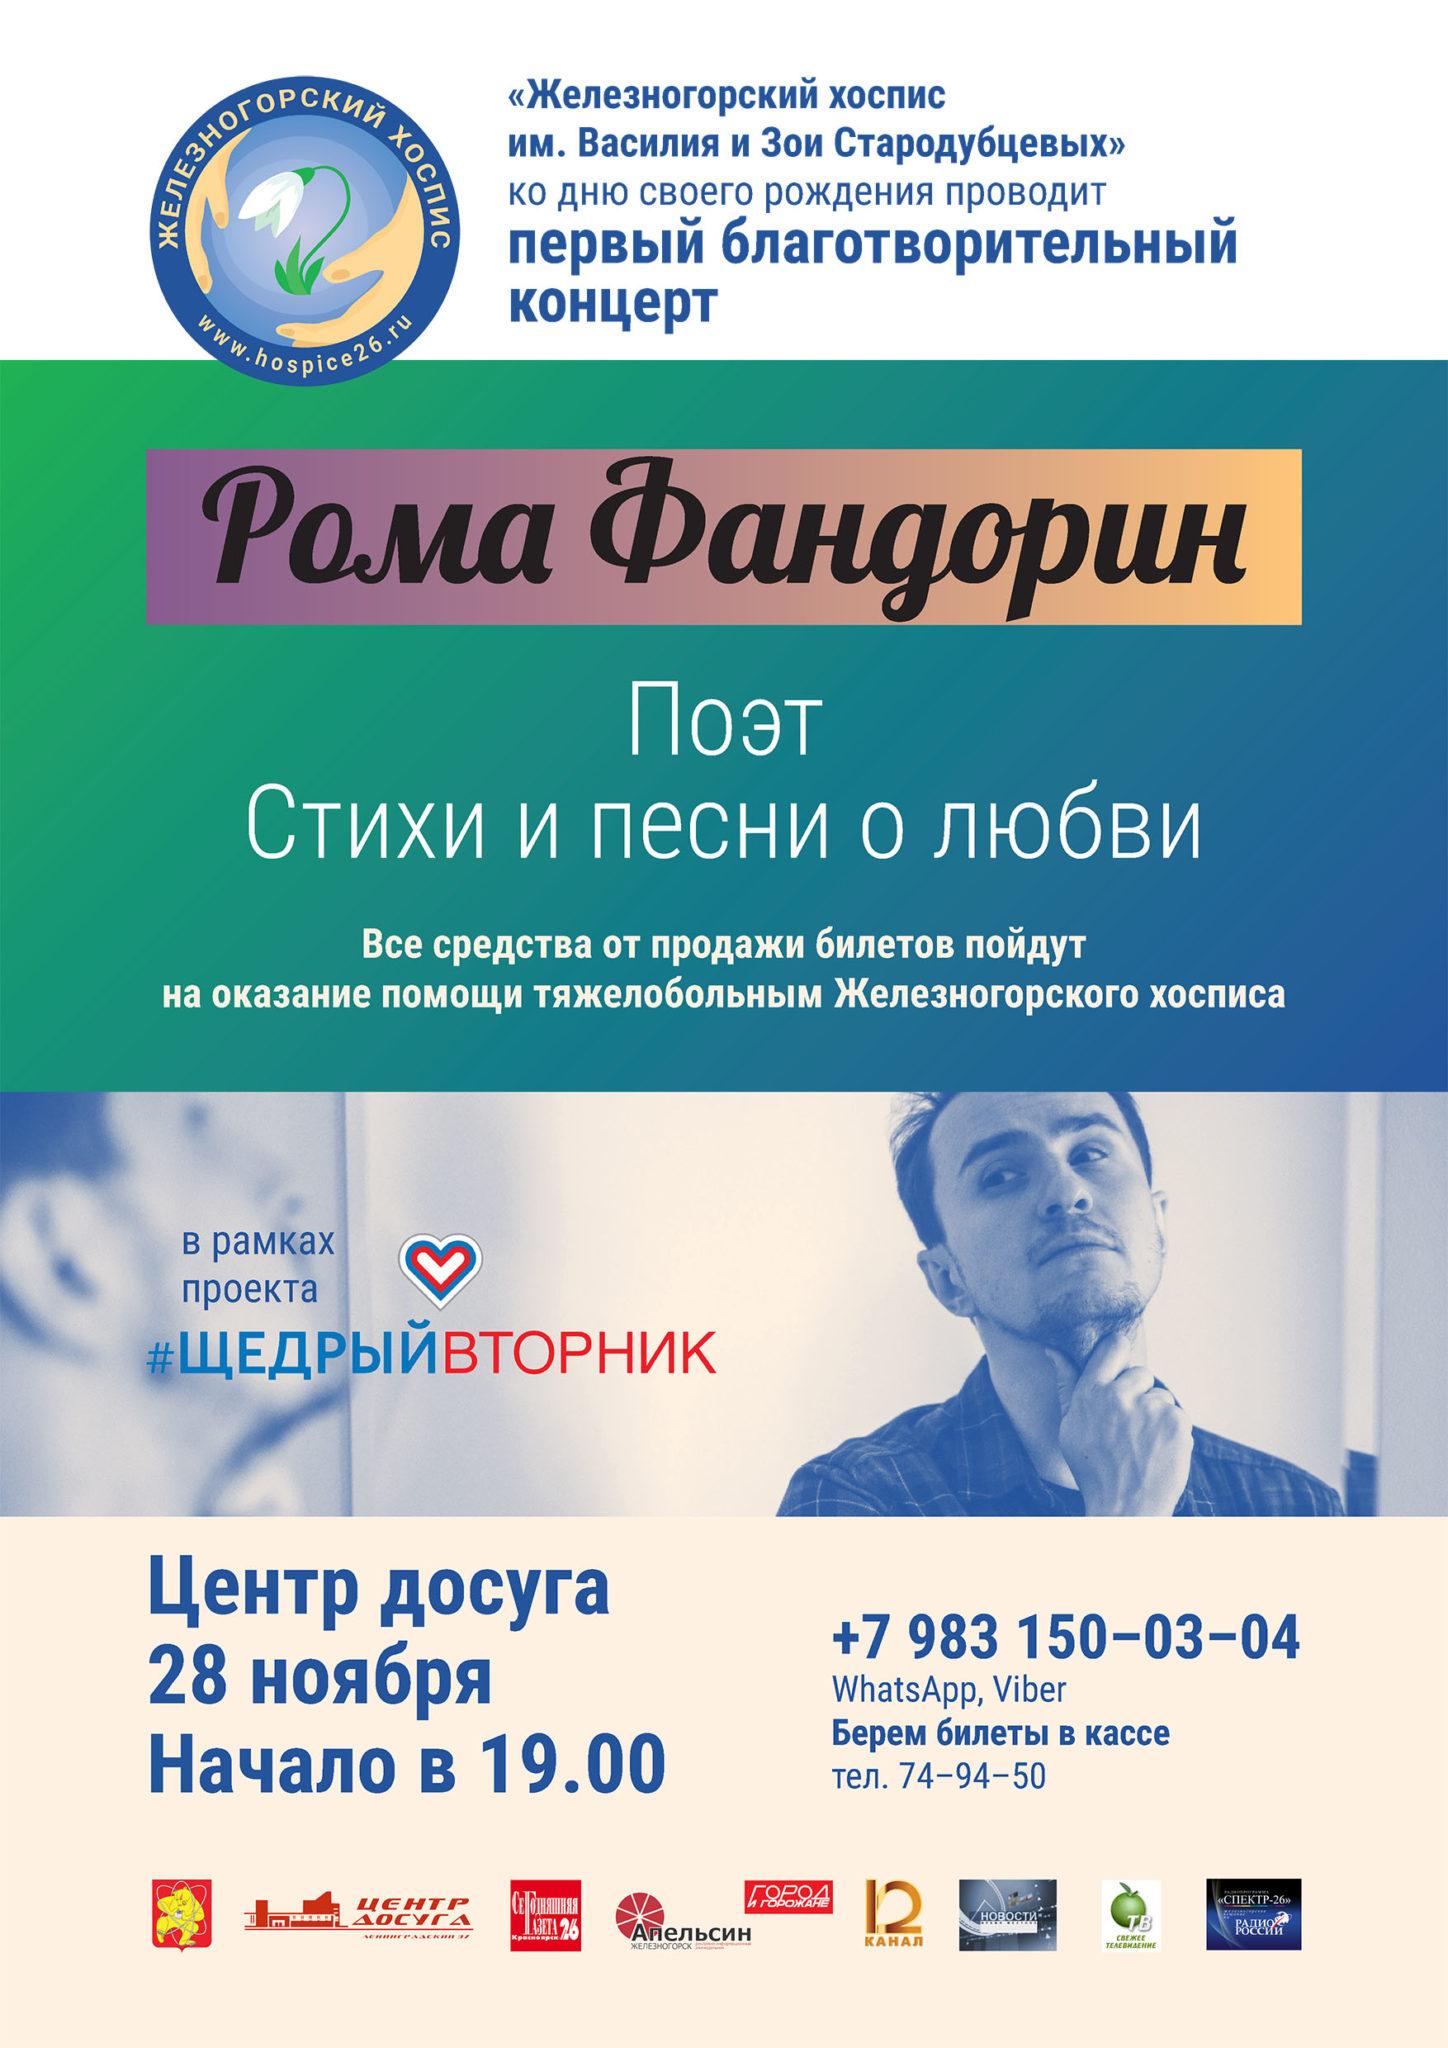 28 ноября 2017 г. #ЩедрыйВторник приходит в Железногорск!